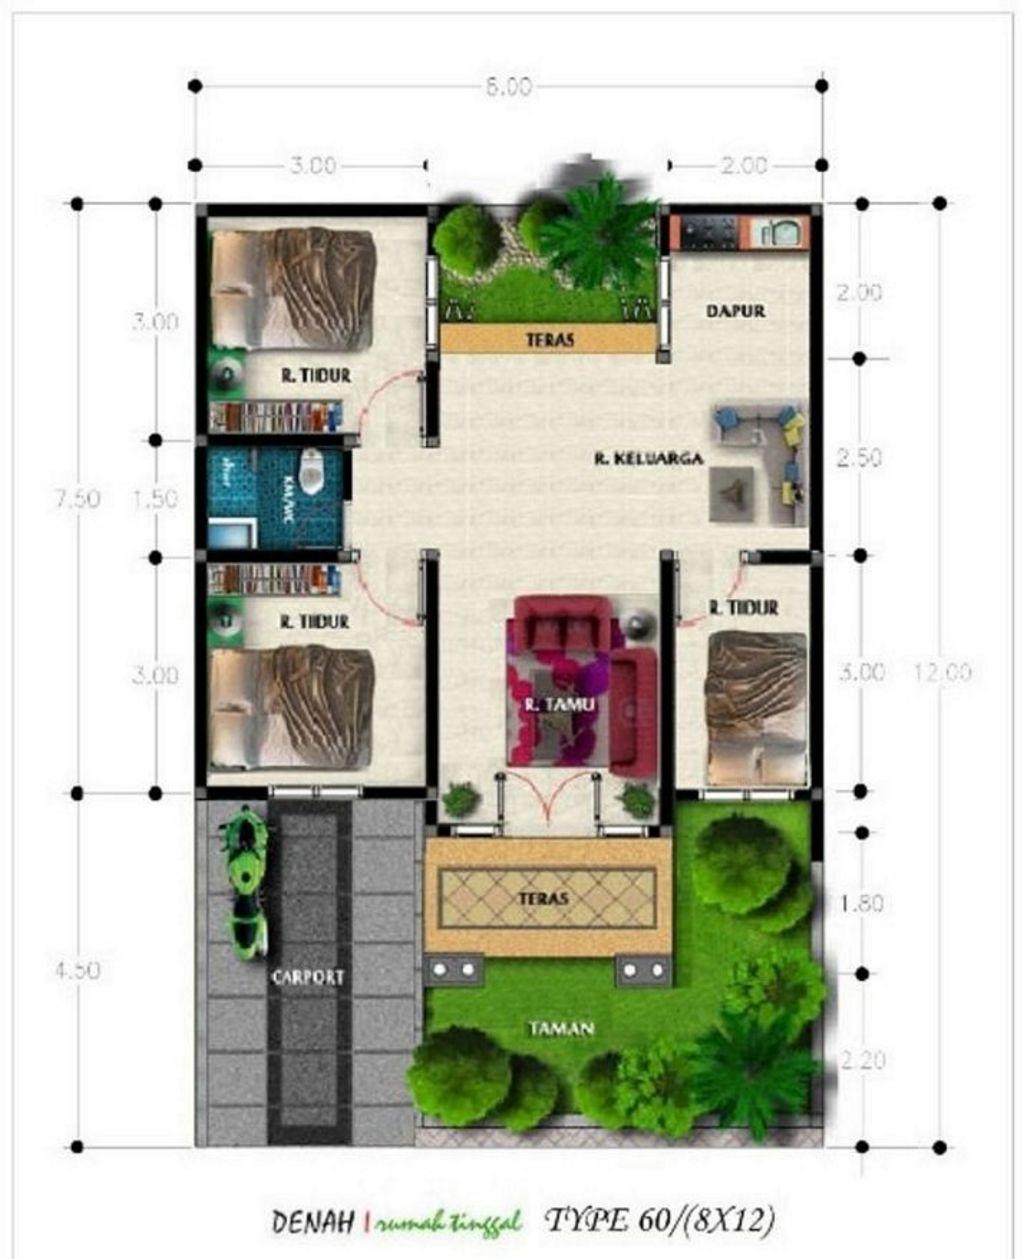 bentuk denah rumah type 60 3 kamar tidur modern